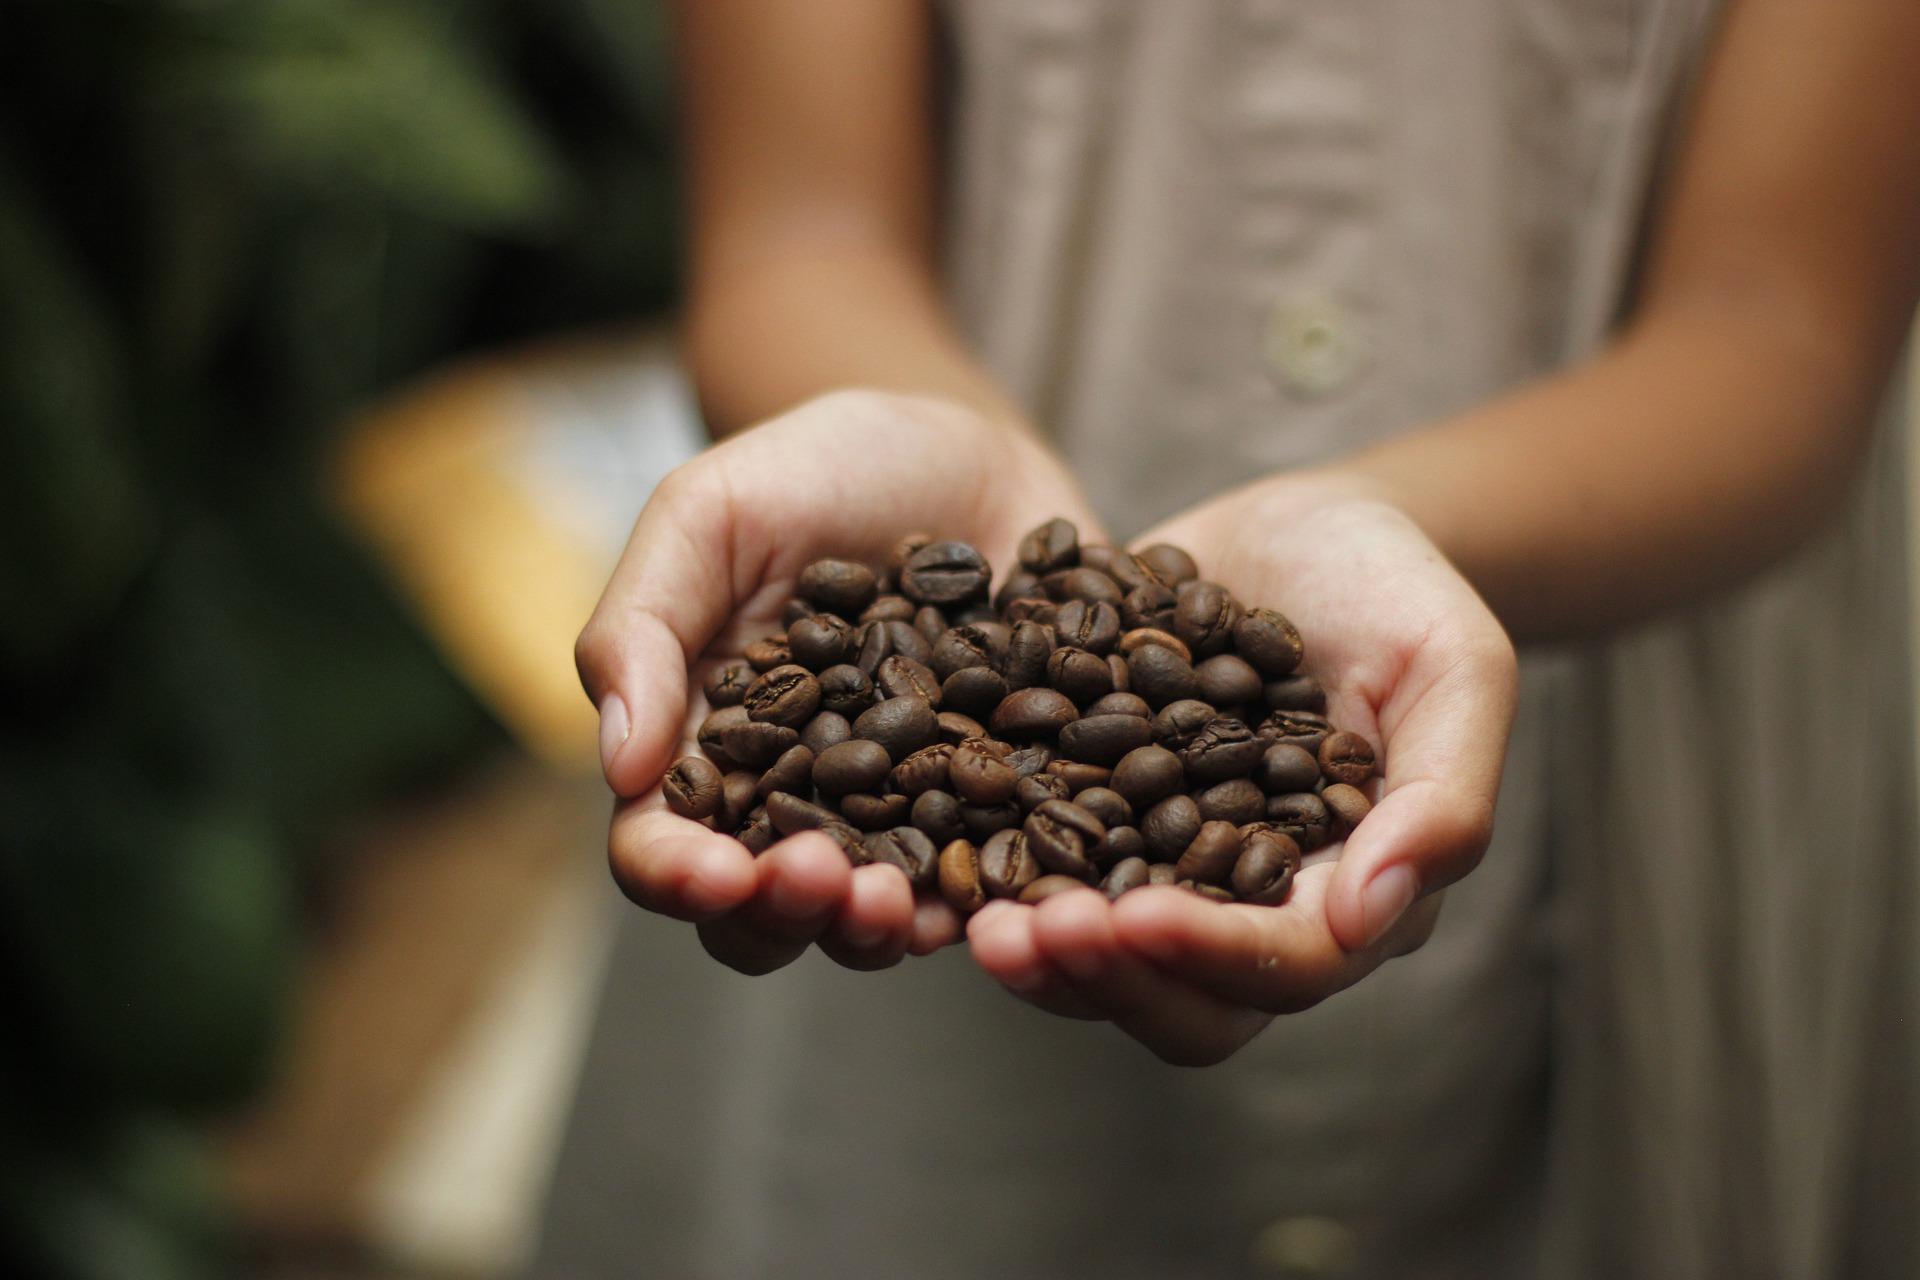 Zber kávy včasoch celosvetovej pandémie